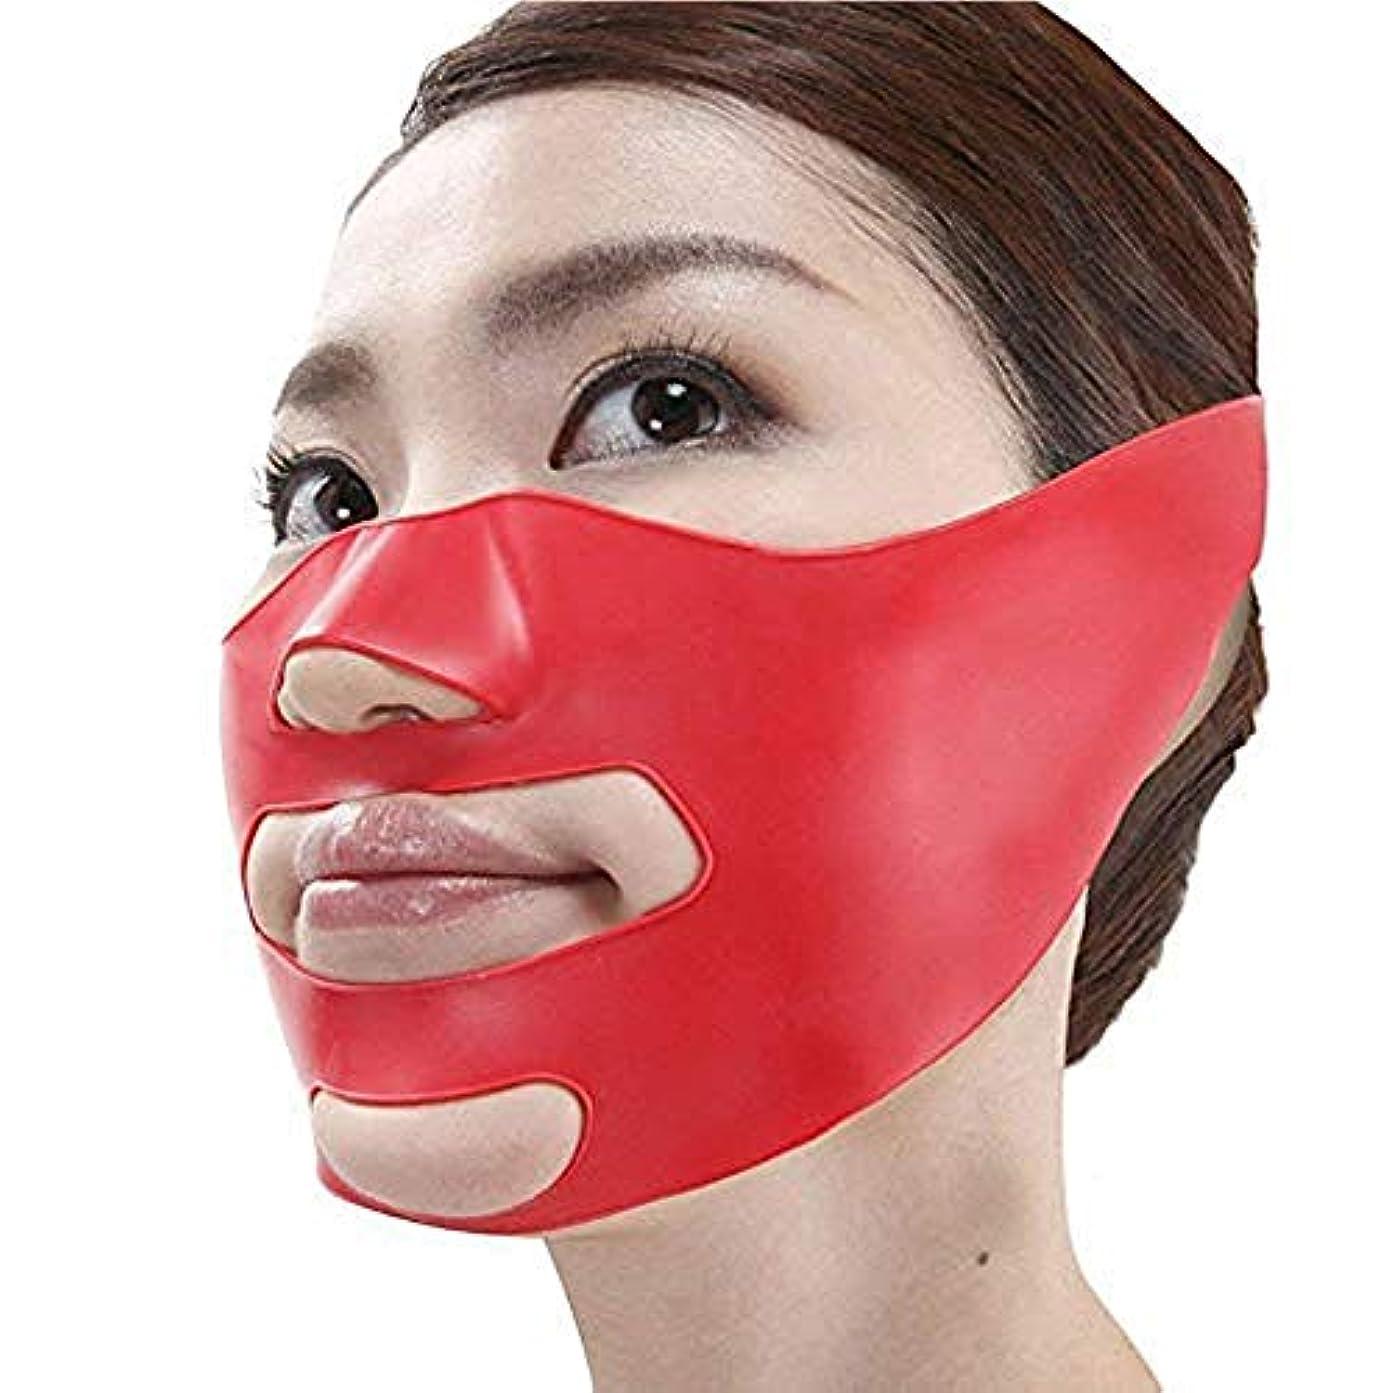 違法大学院撃退するMilent 小顔矯正 マスク 小顔補正ベルト ほうれい線 リフトスリムマスク 3Dエクササイズマスク 法令線予防 抗シワ サウナマスク 美顔 フリーサイズ